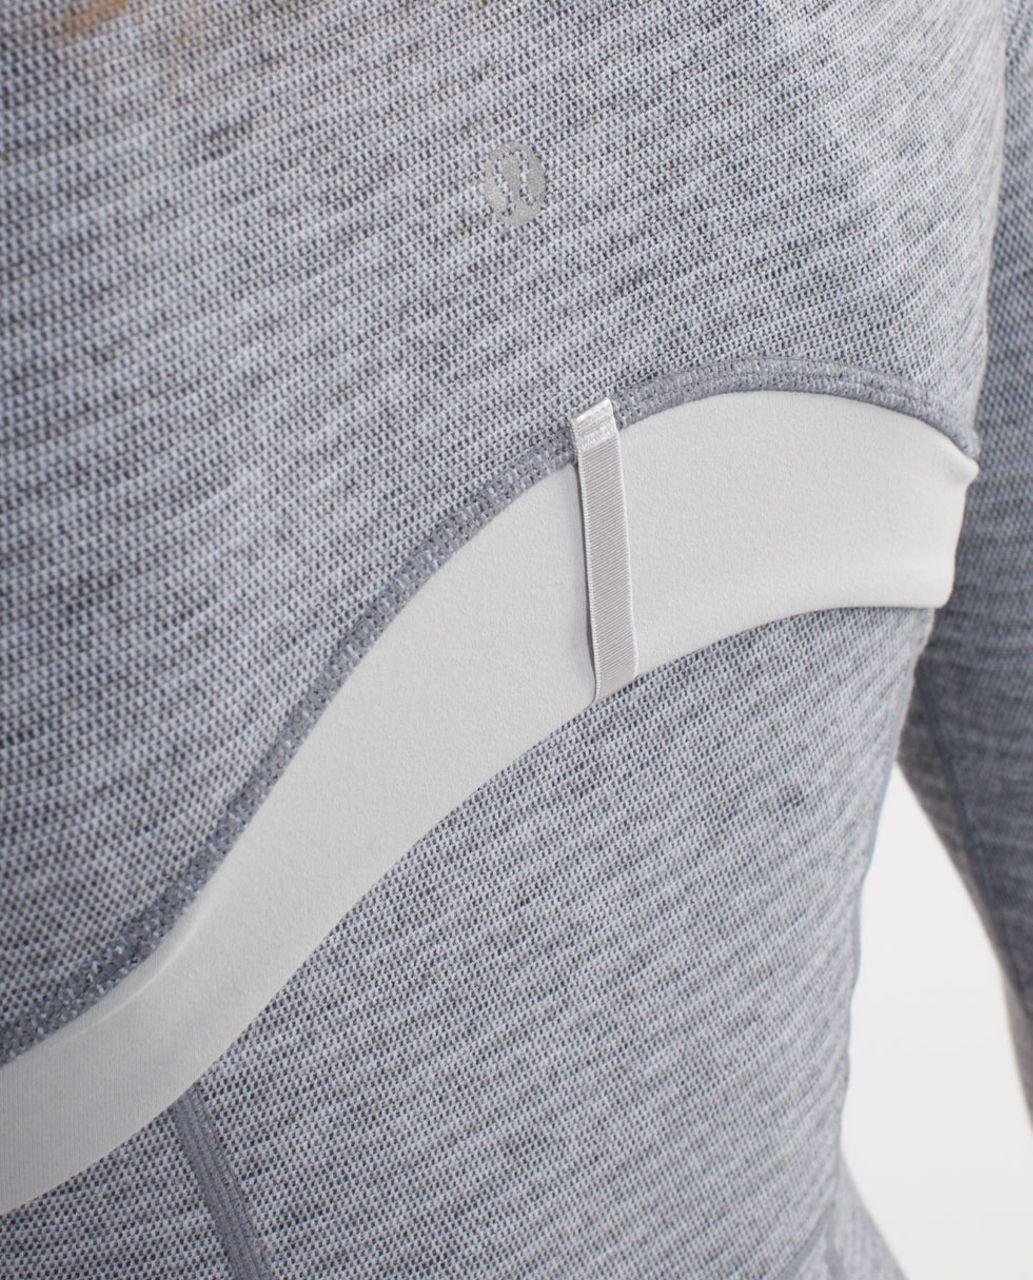 Lululemon Define Jacket *Pique - Silver Spoon Pique /  Silver Spoon